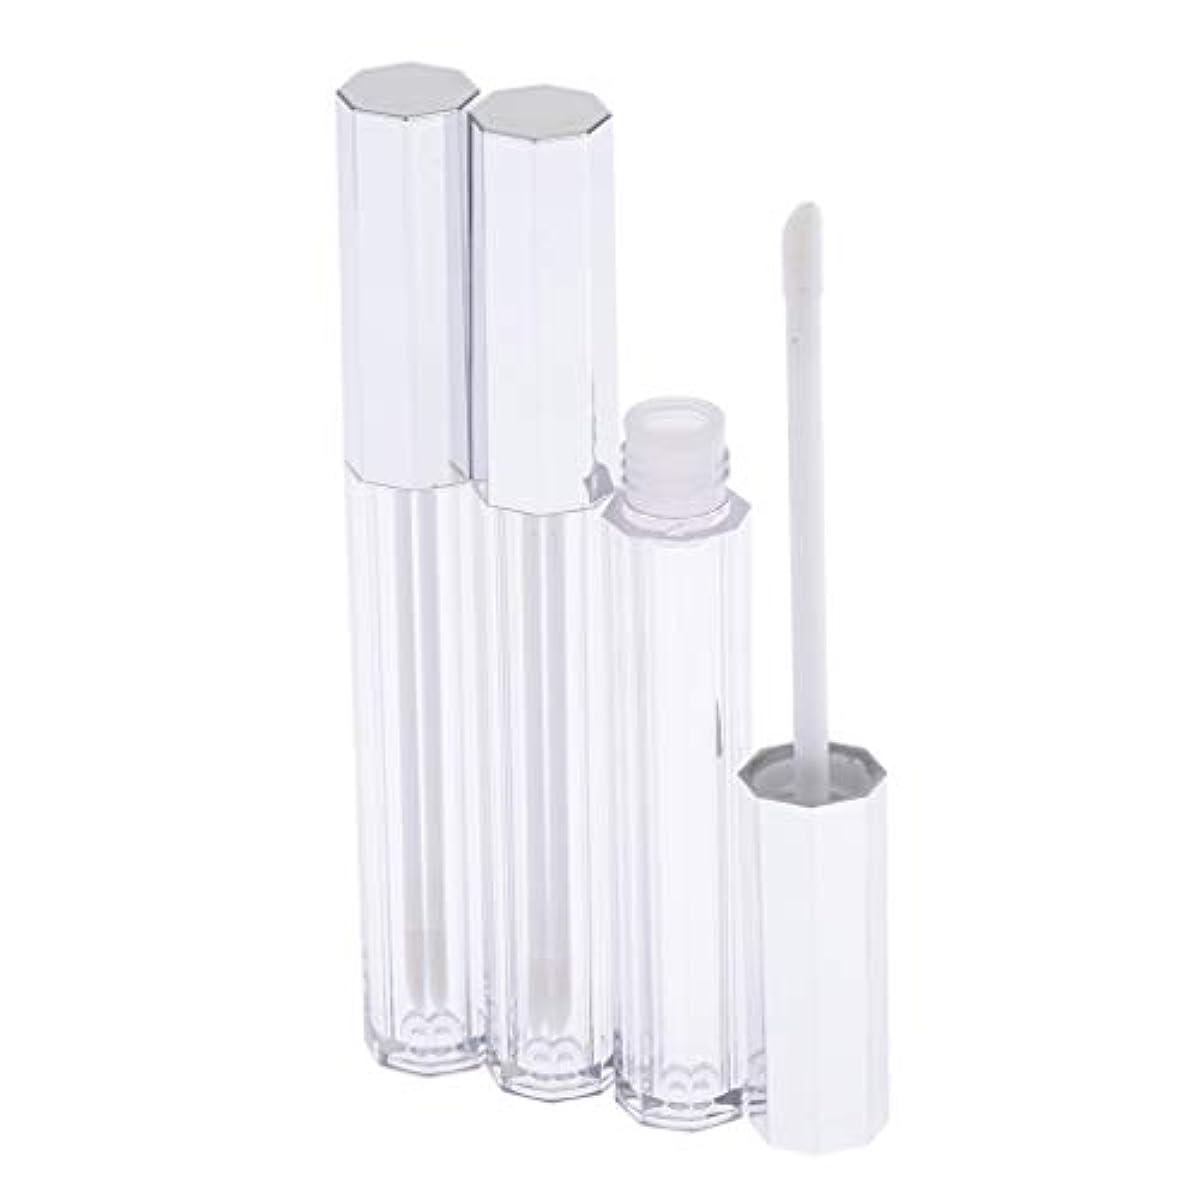 効果的ステープルレトルトリップグロス 容器 チューブ クリア リップスティックチューブ プラスチック 5ml 3個セット